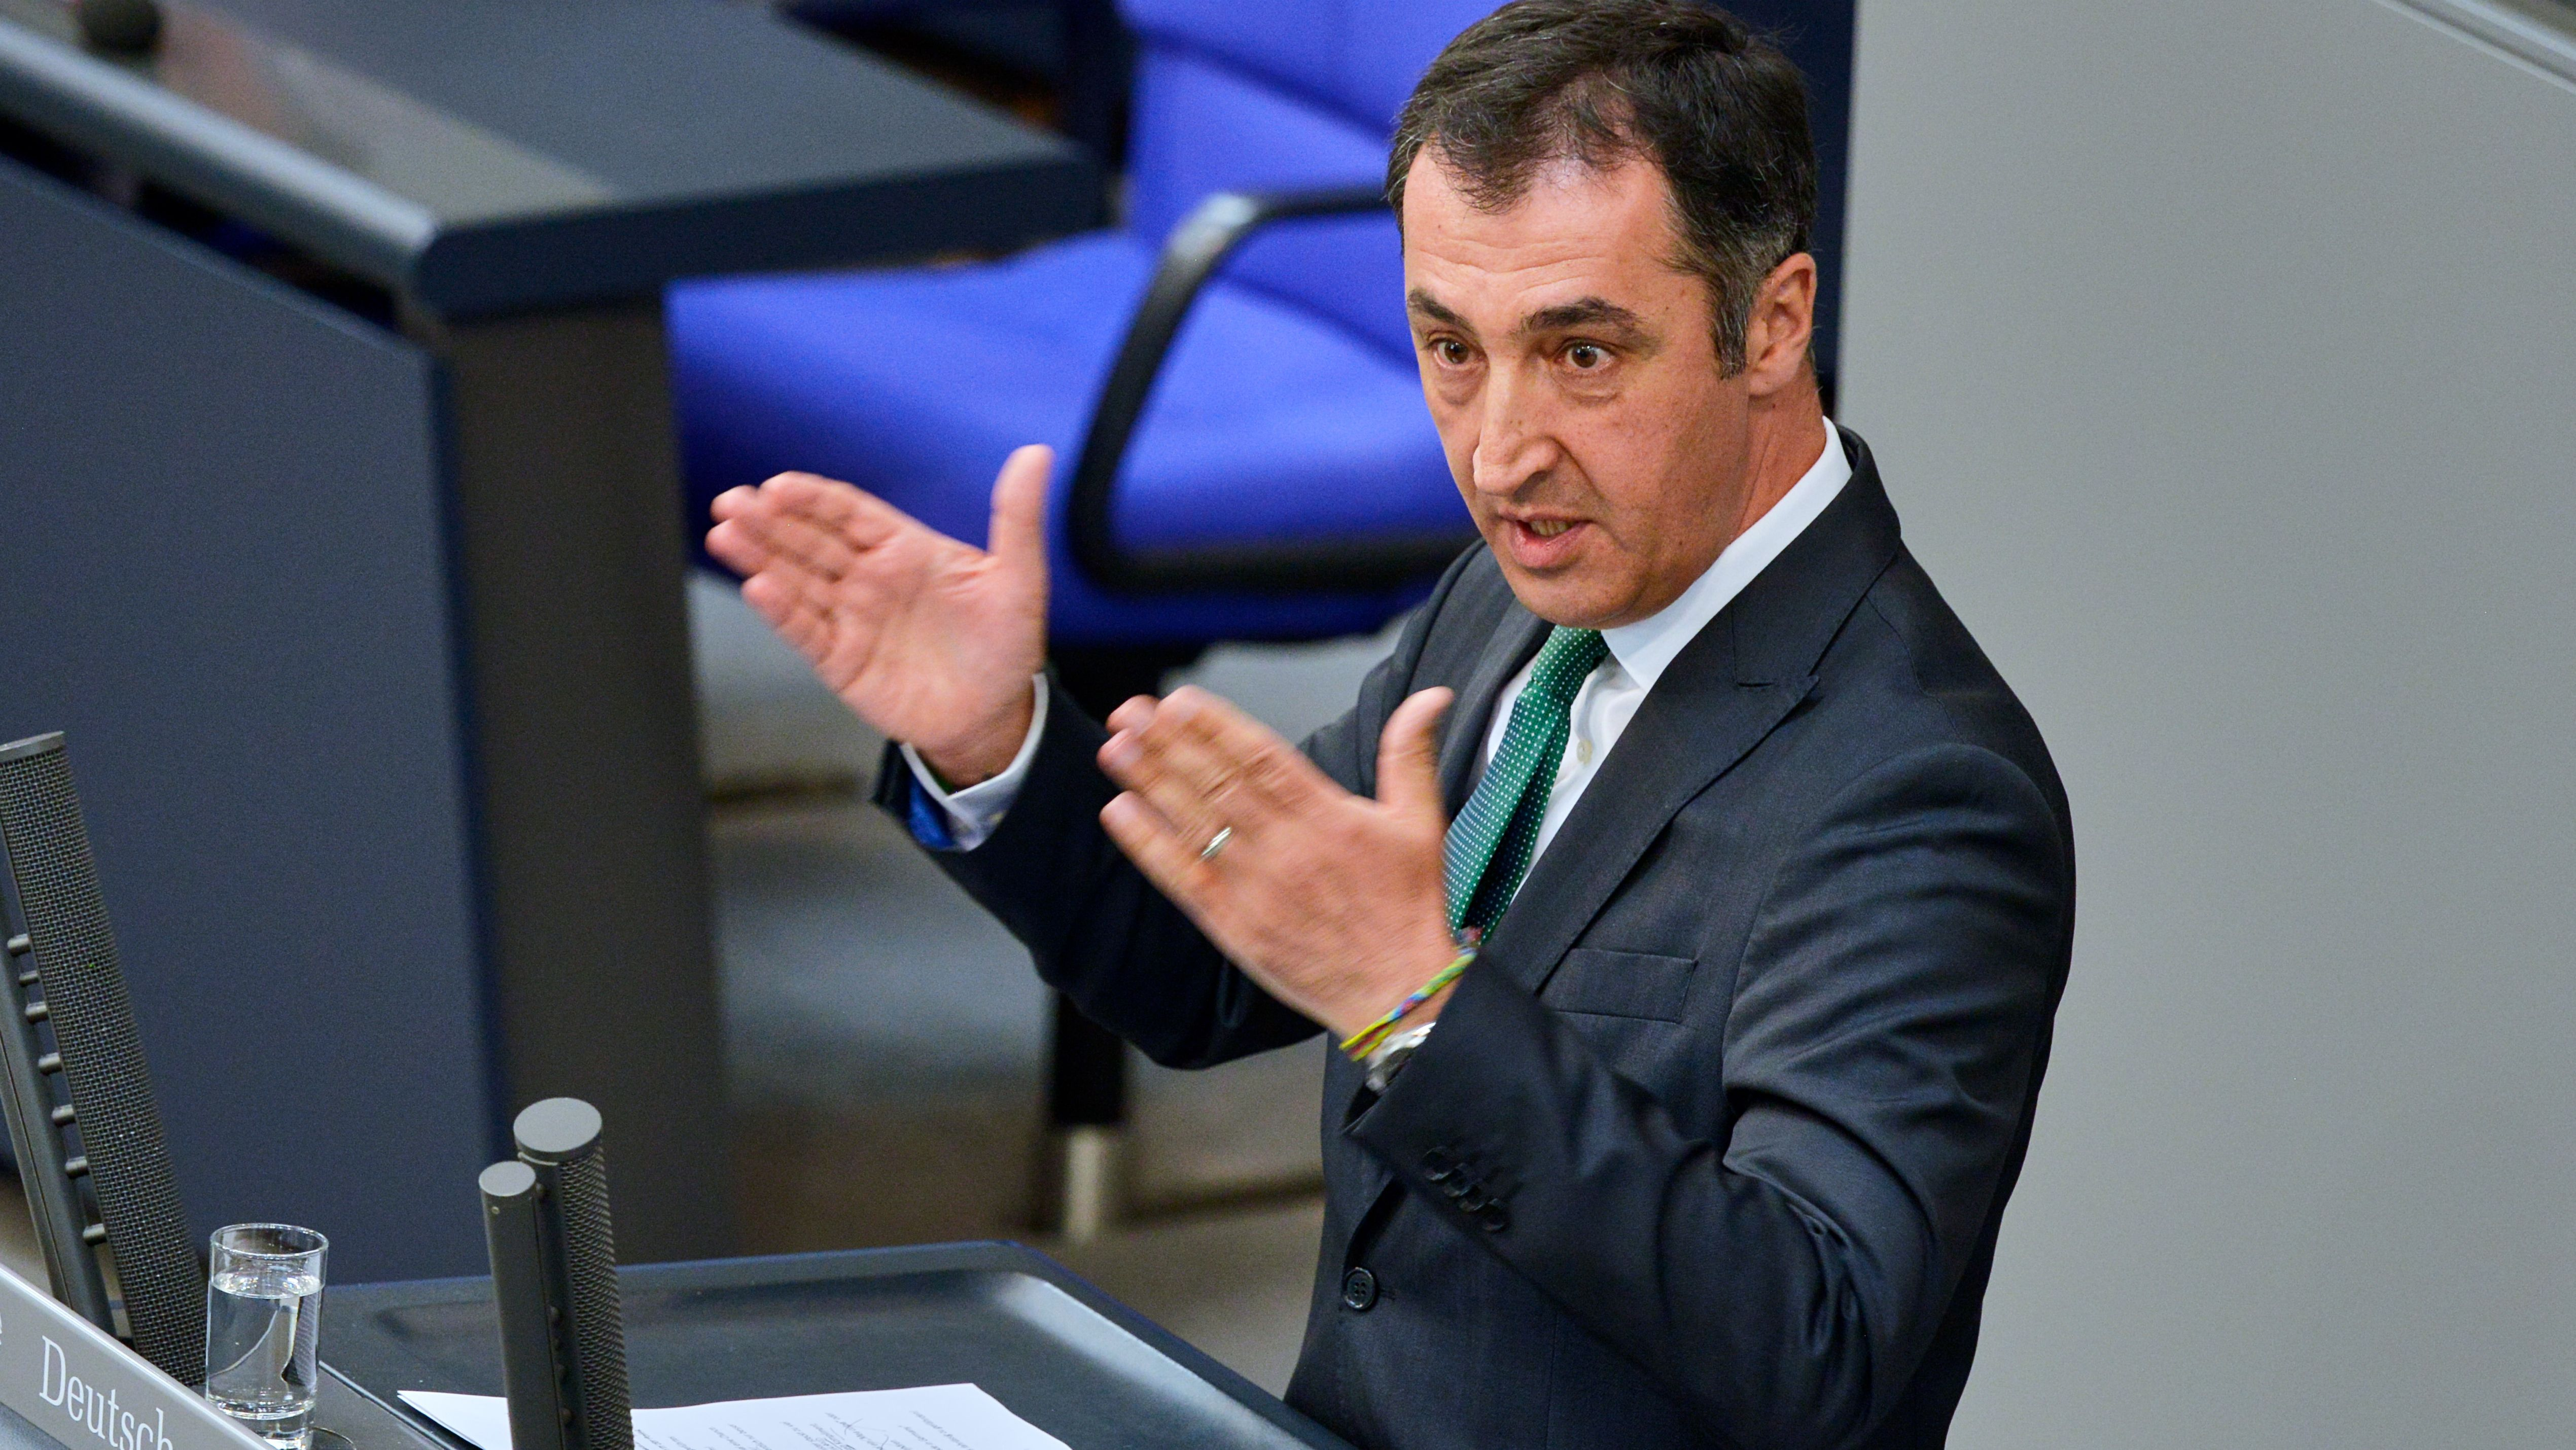 Cem Özdemir spricht bei der Plenarsitzung des Deutschen Bundestages am 15. August 2018 in der Debatte um Verkehr und digitale Infrastruktur.